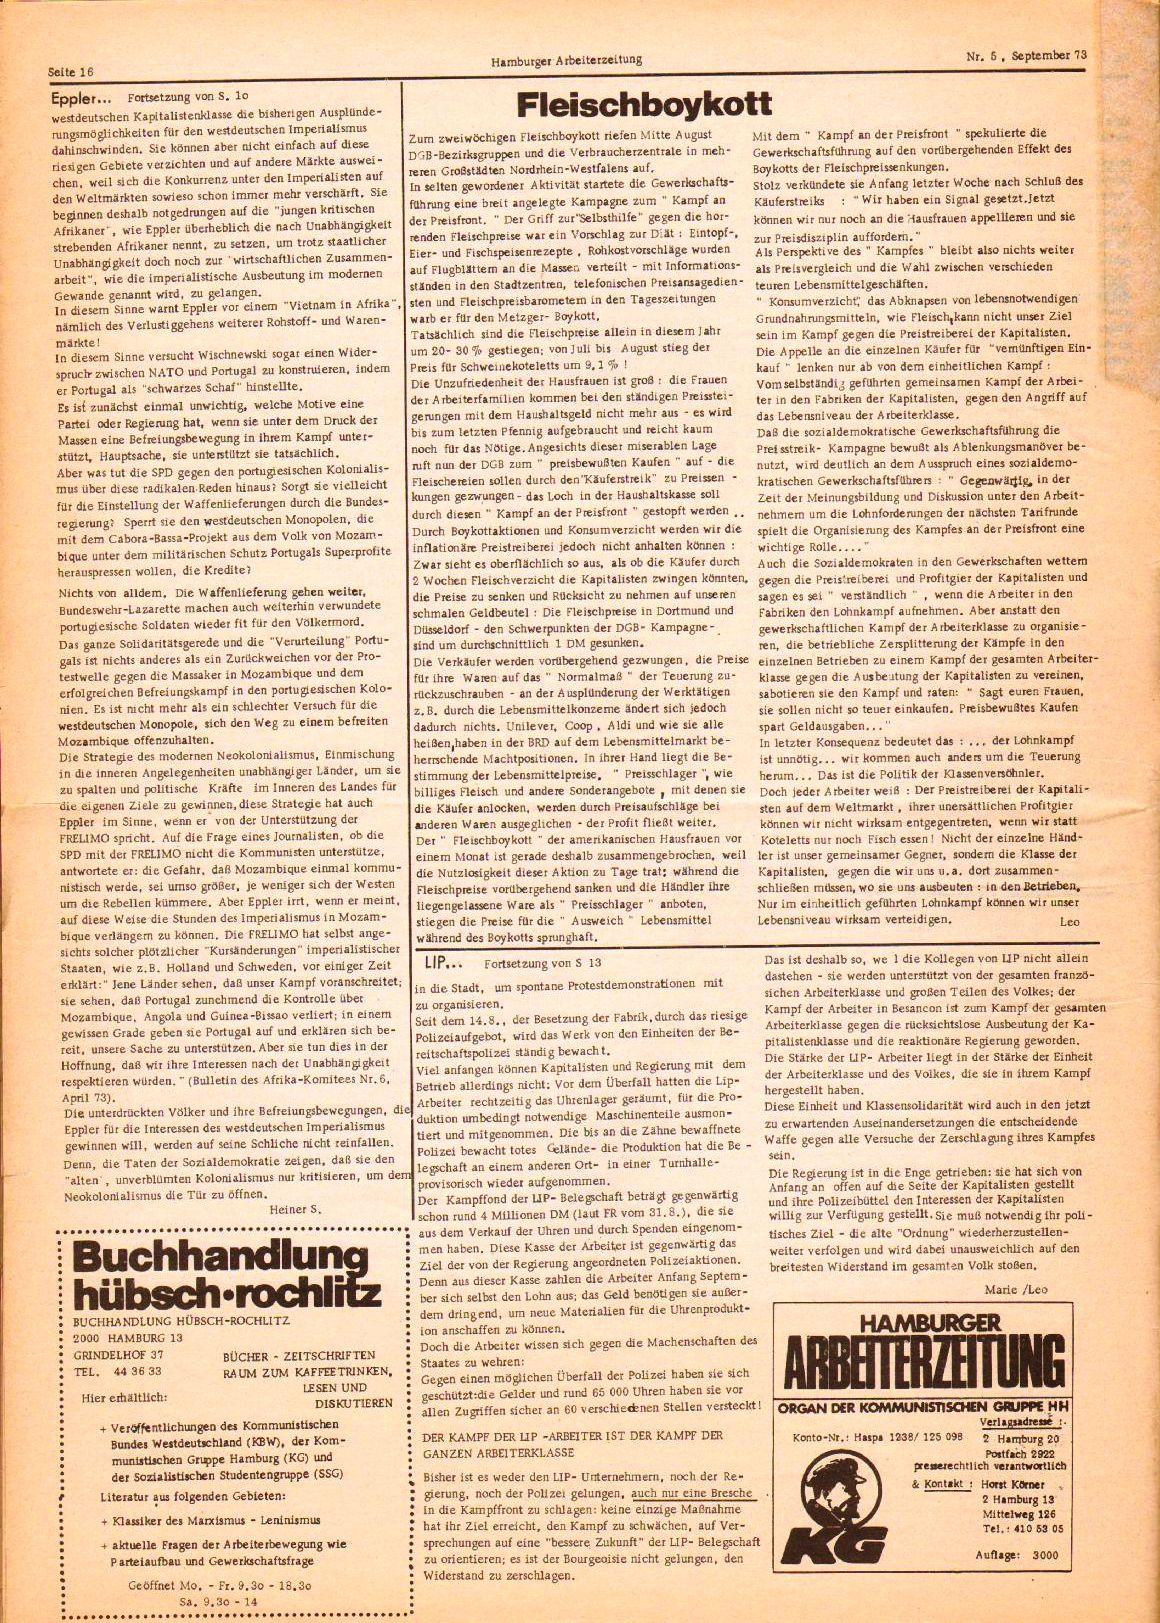 Hamburger_Arbeiterzeitung093